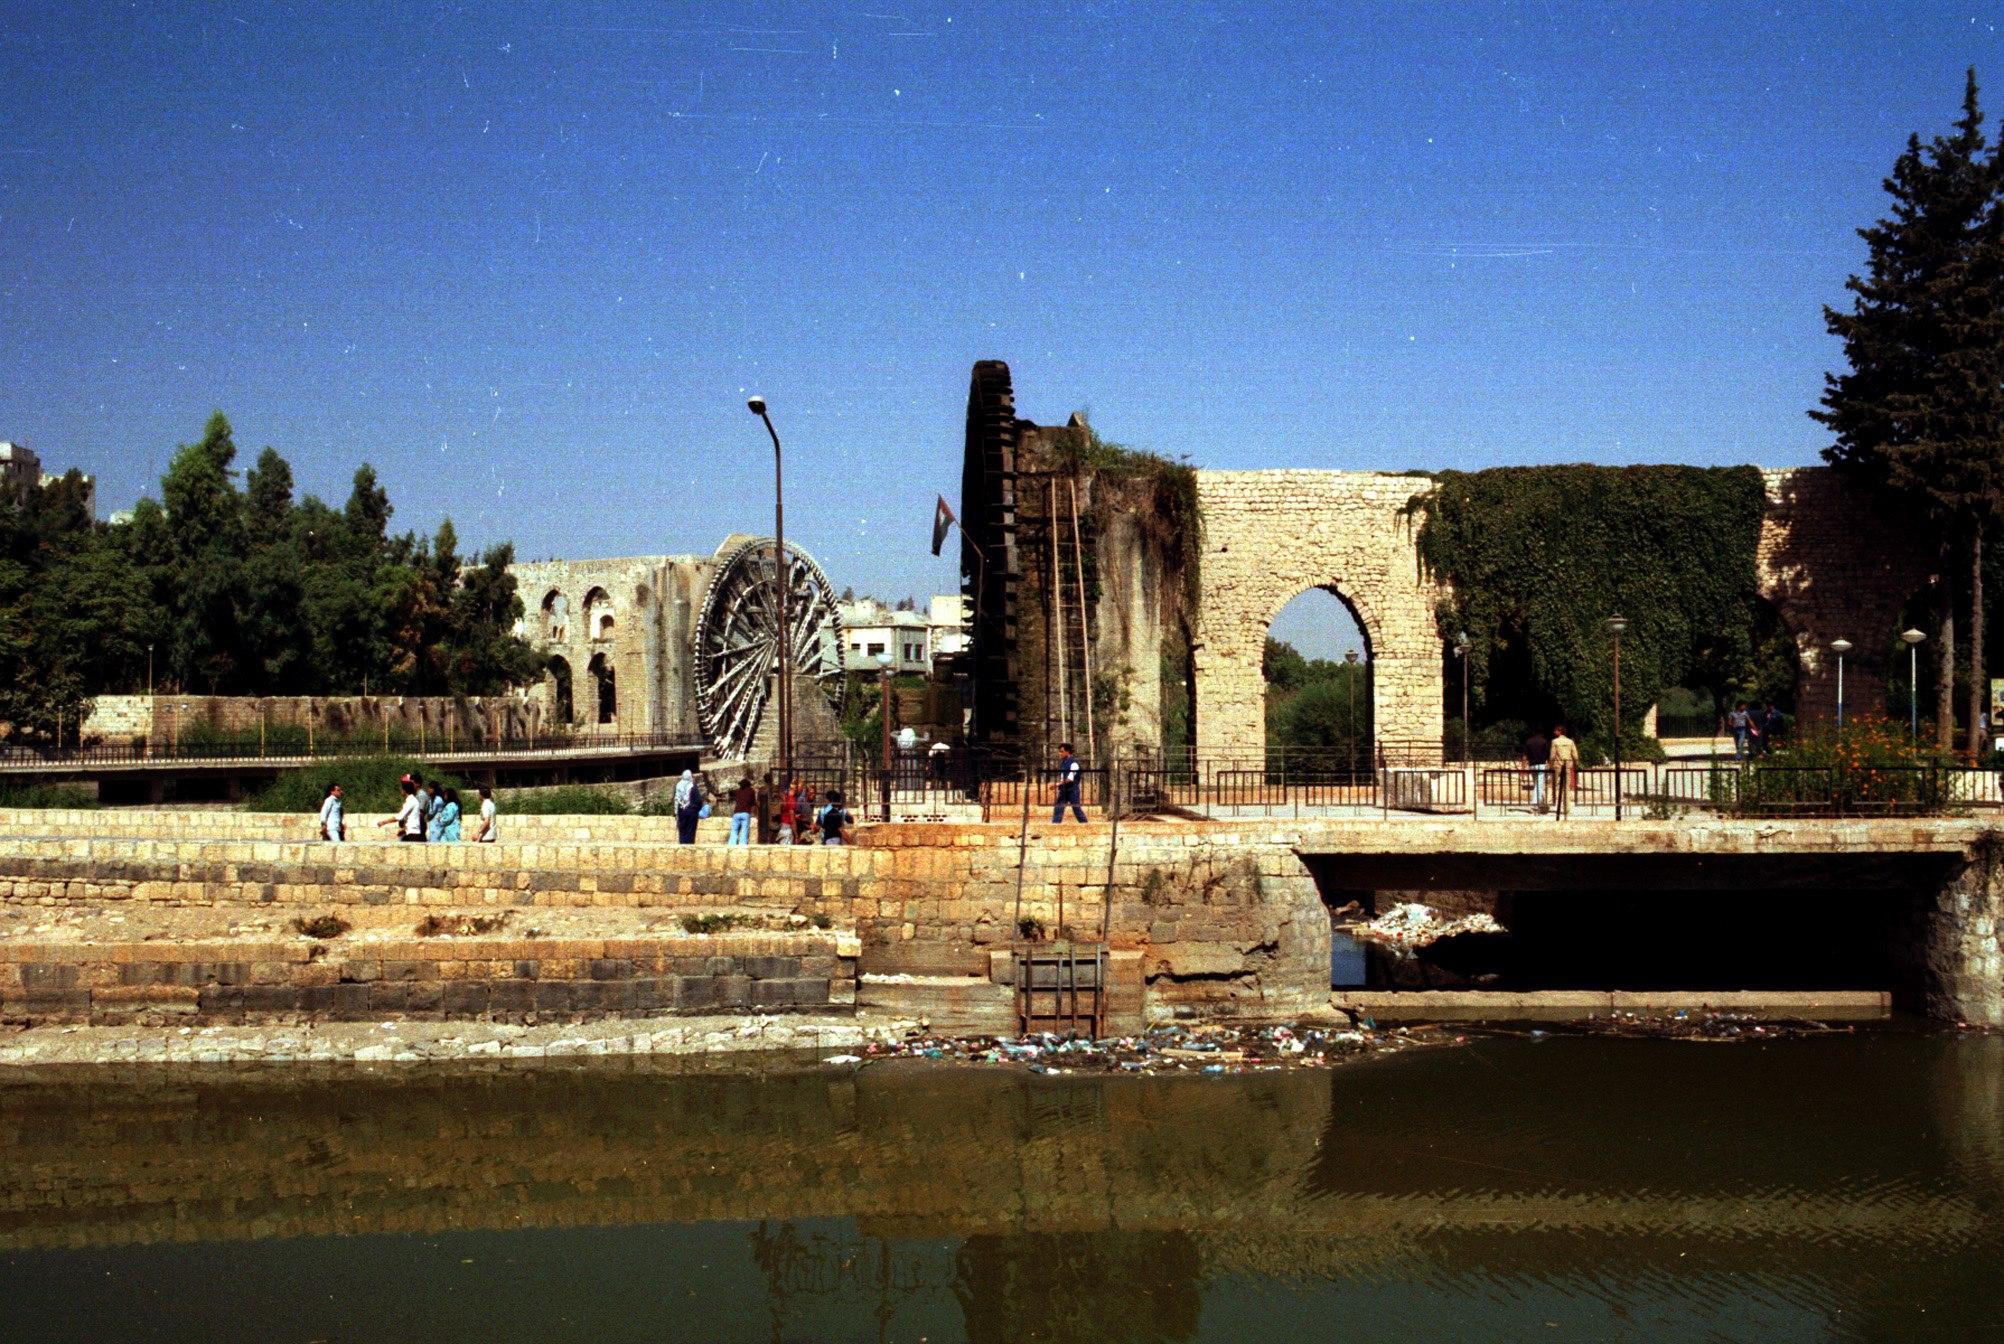 حماة 1985- ناعورة الجسرية وخلفها ناعورة المأمورية ثاني أكبر ناعورة في المدينة